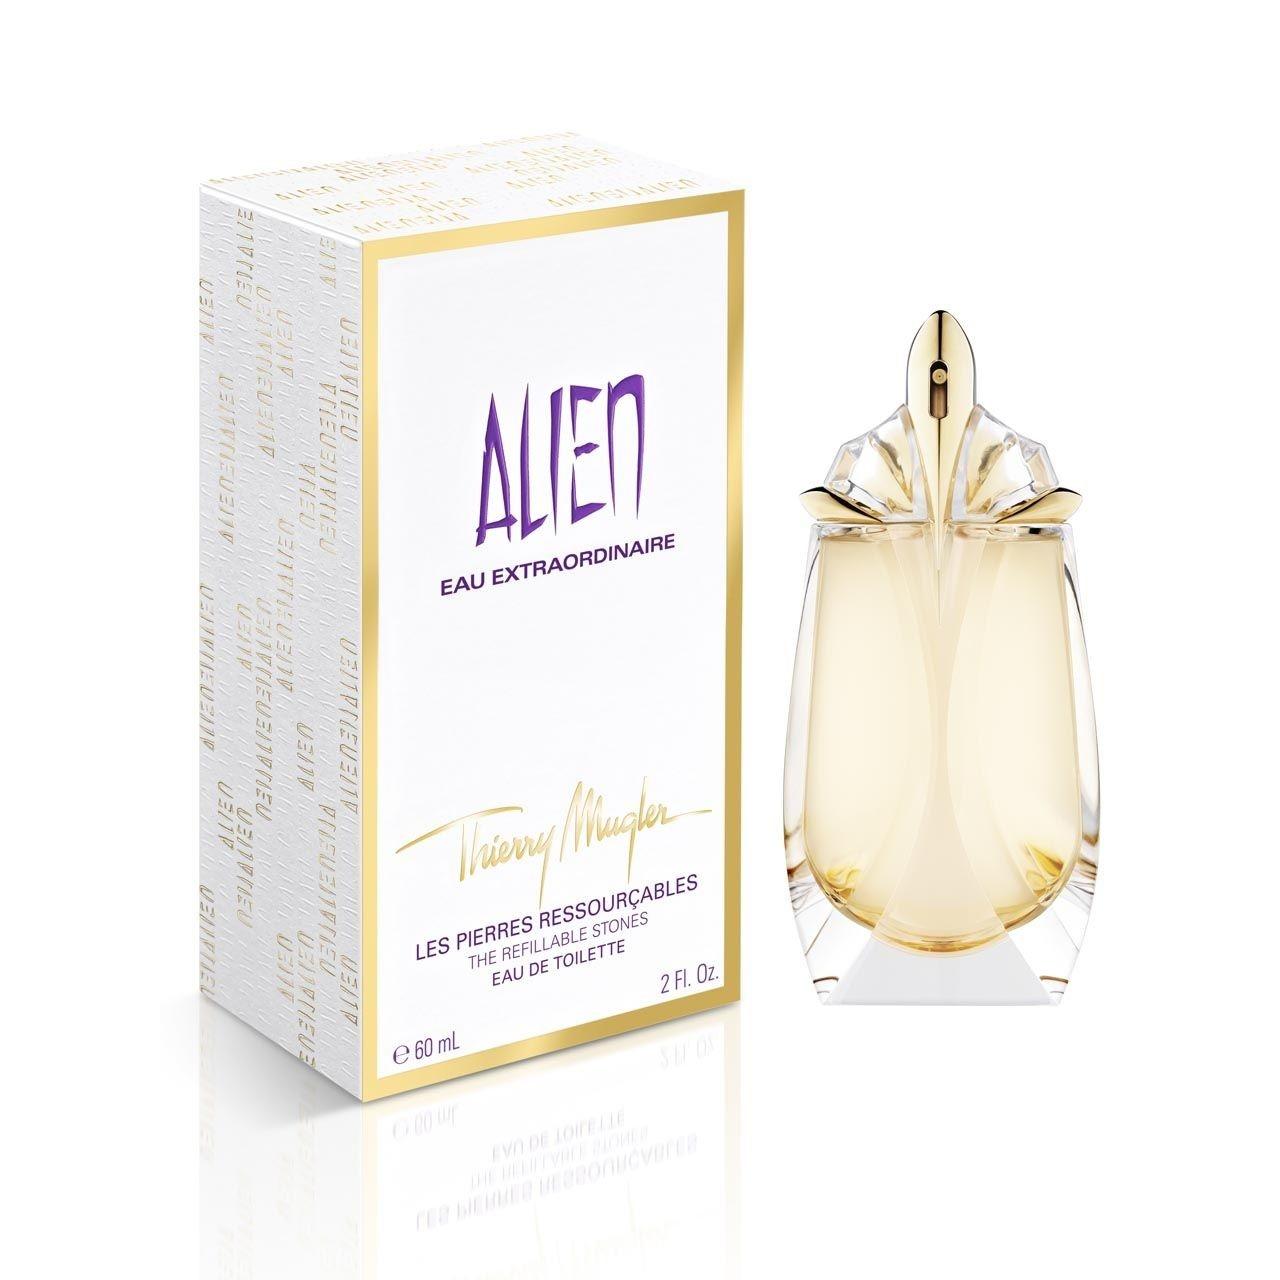 Thierry Mugler Alien Eau Extraordinaire Eau de Toilette 60 ml VAPO Ricaricabile